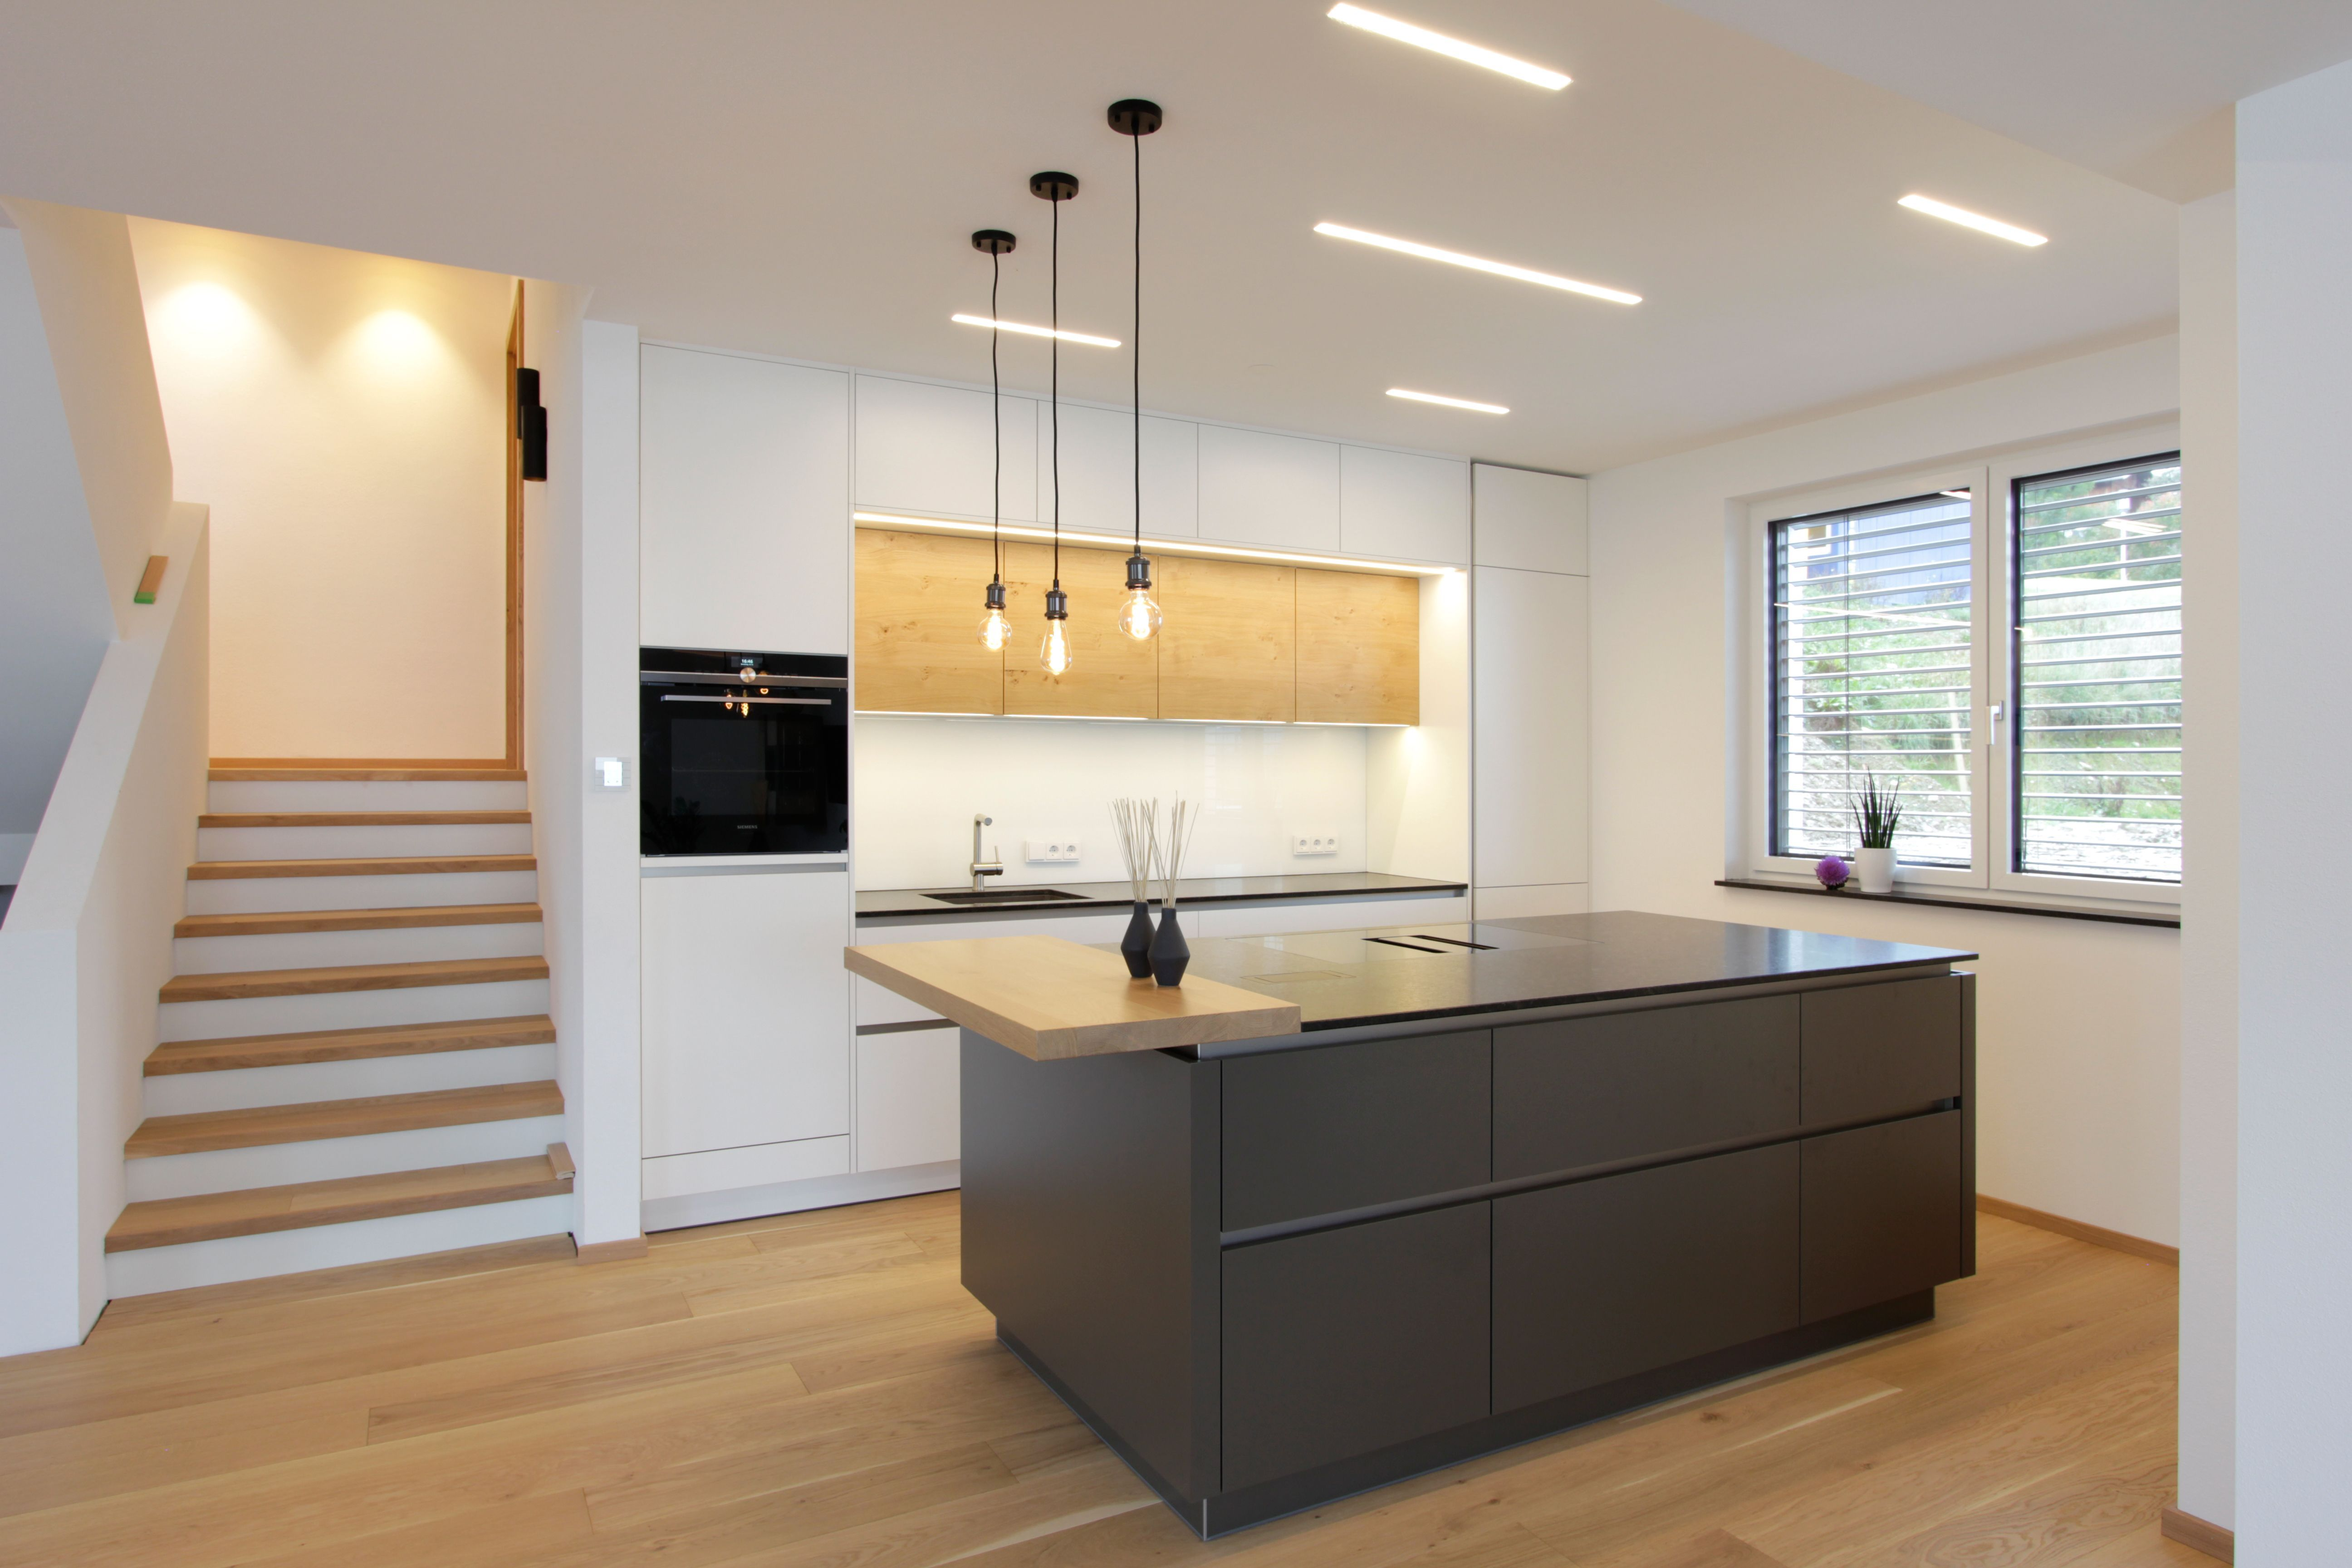 Moderne Kuche Mit Holz In 2020 Moderne Graue Kuche Moderne Kuche Innenarchitektur Kuche